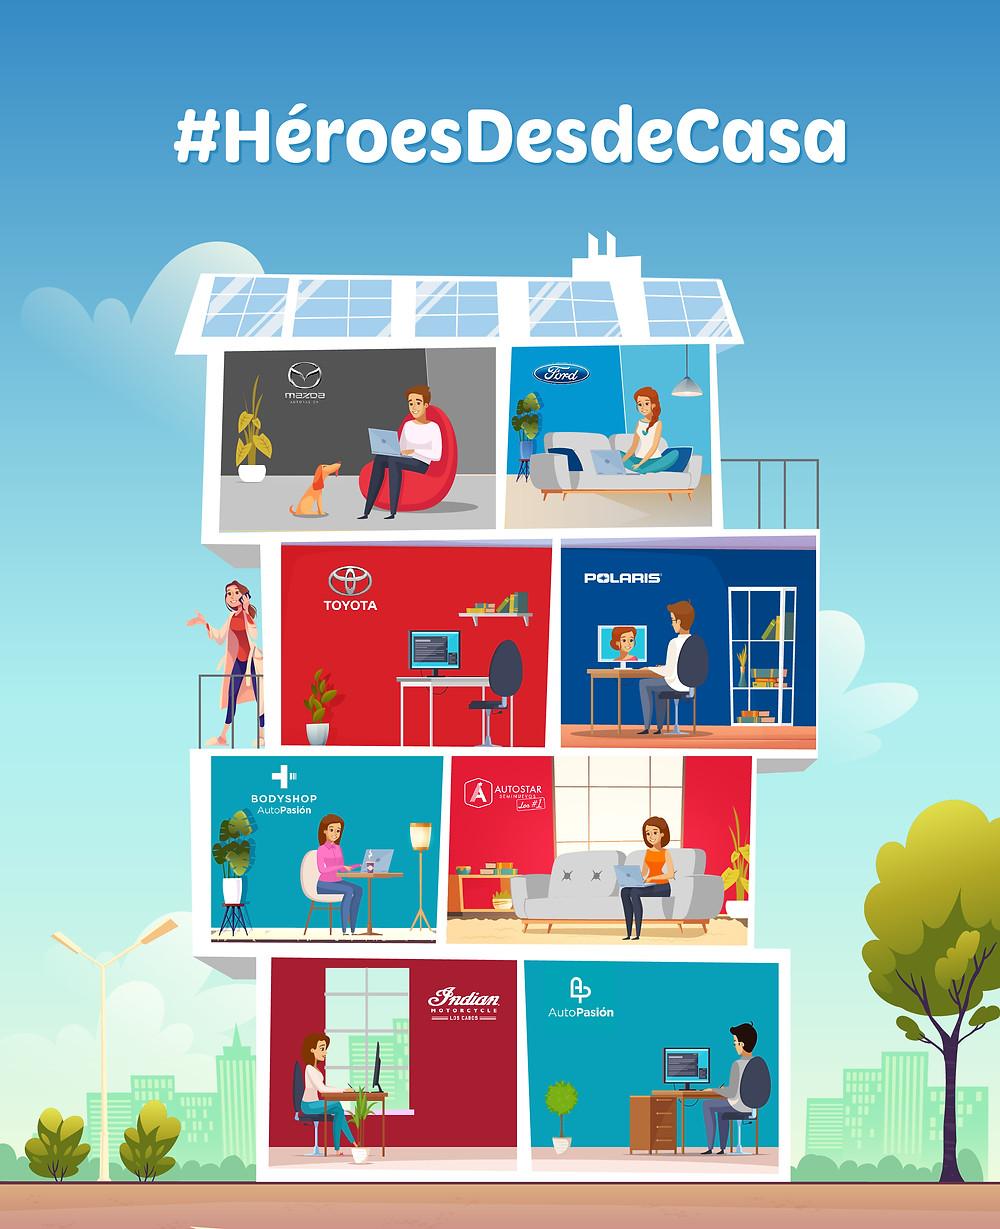 #HéroesDesdeCasa #QuédateEnCasa